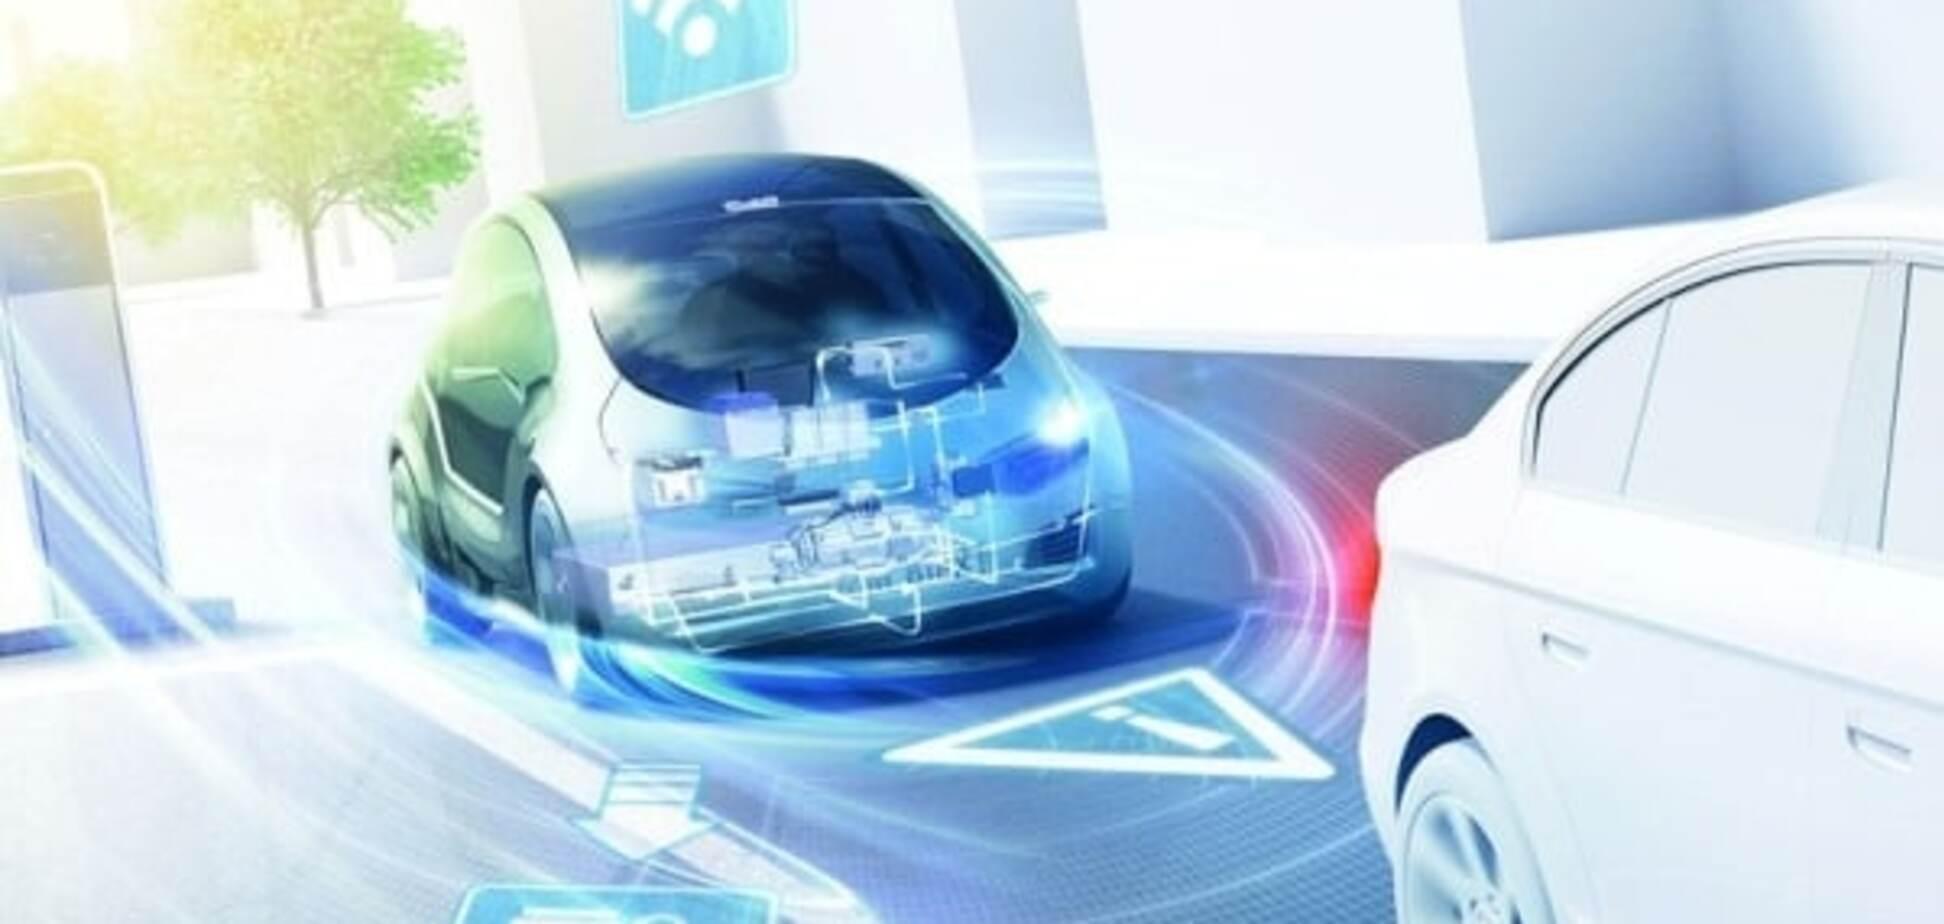 Не холодильником єдиним: Bosch готує революцію на дорогах